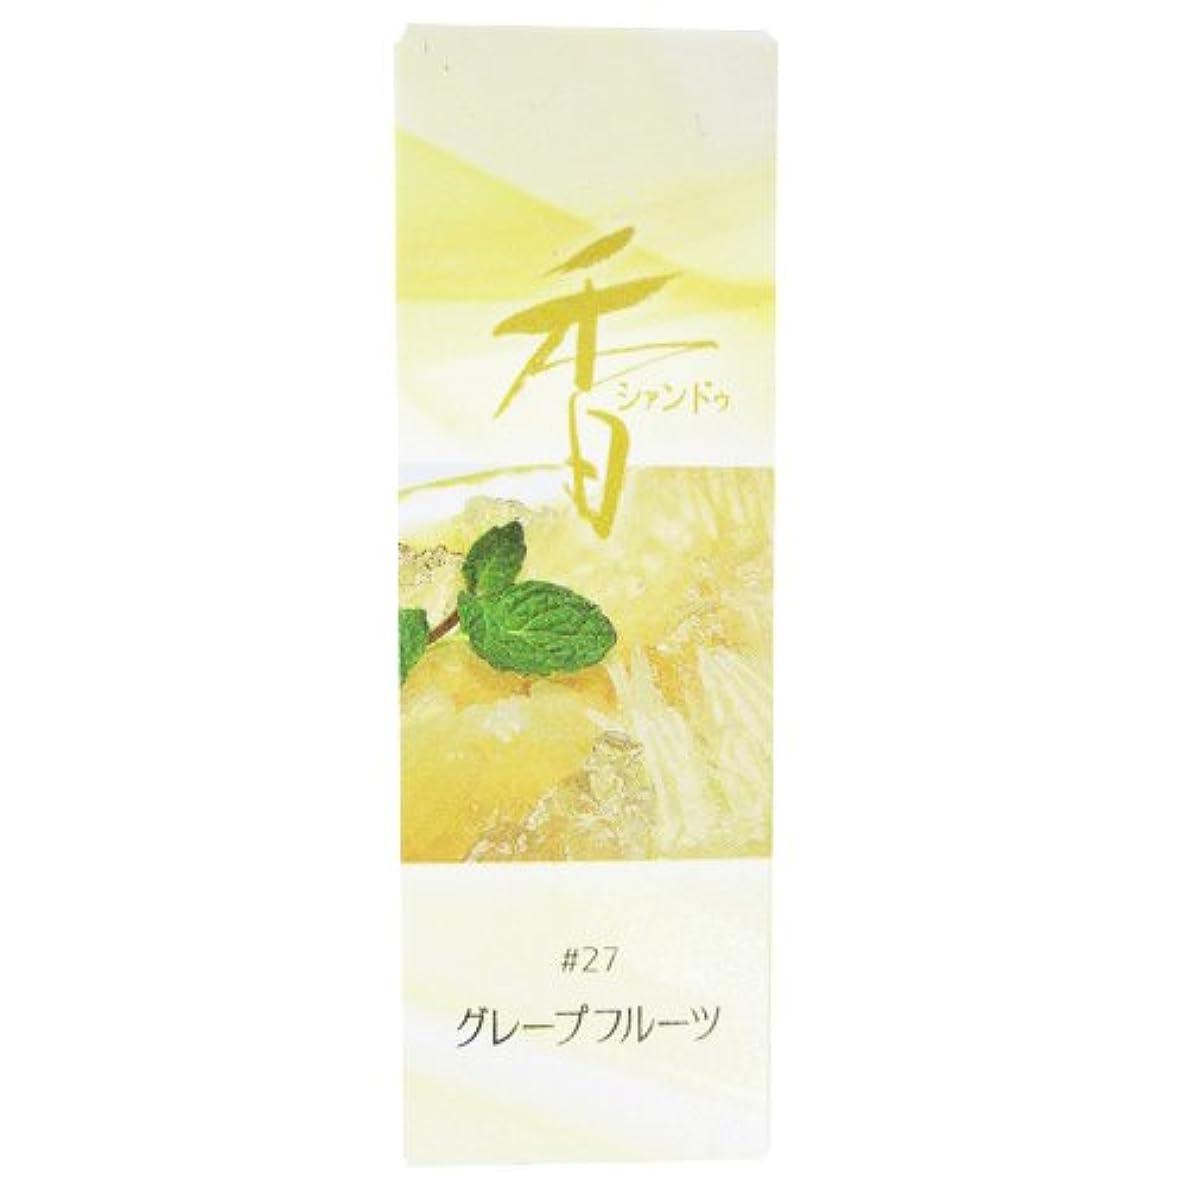 植物学野望軽蔑する松栄堂のお香 Xiang Do(シャンドゥ) グレープフルーツ ST20本入 簡易香立付 #214227